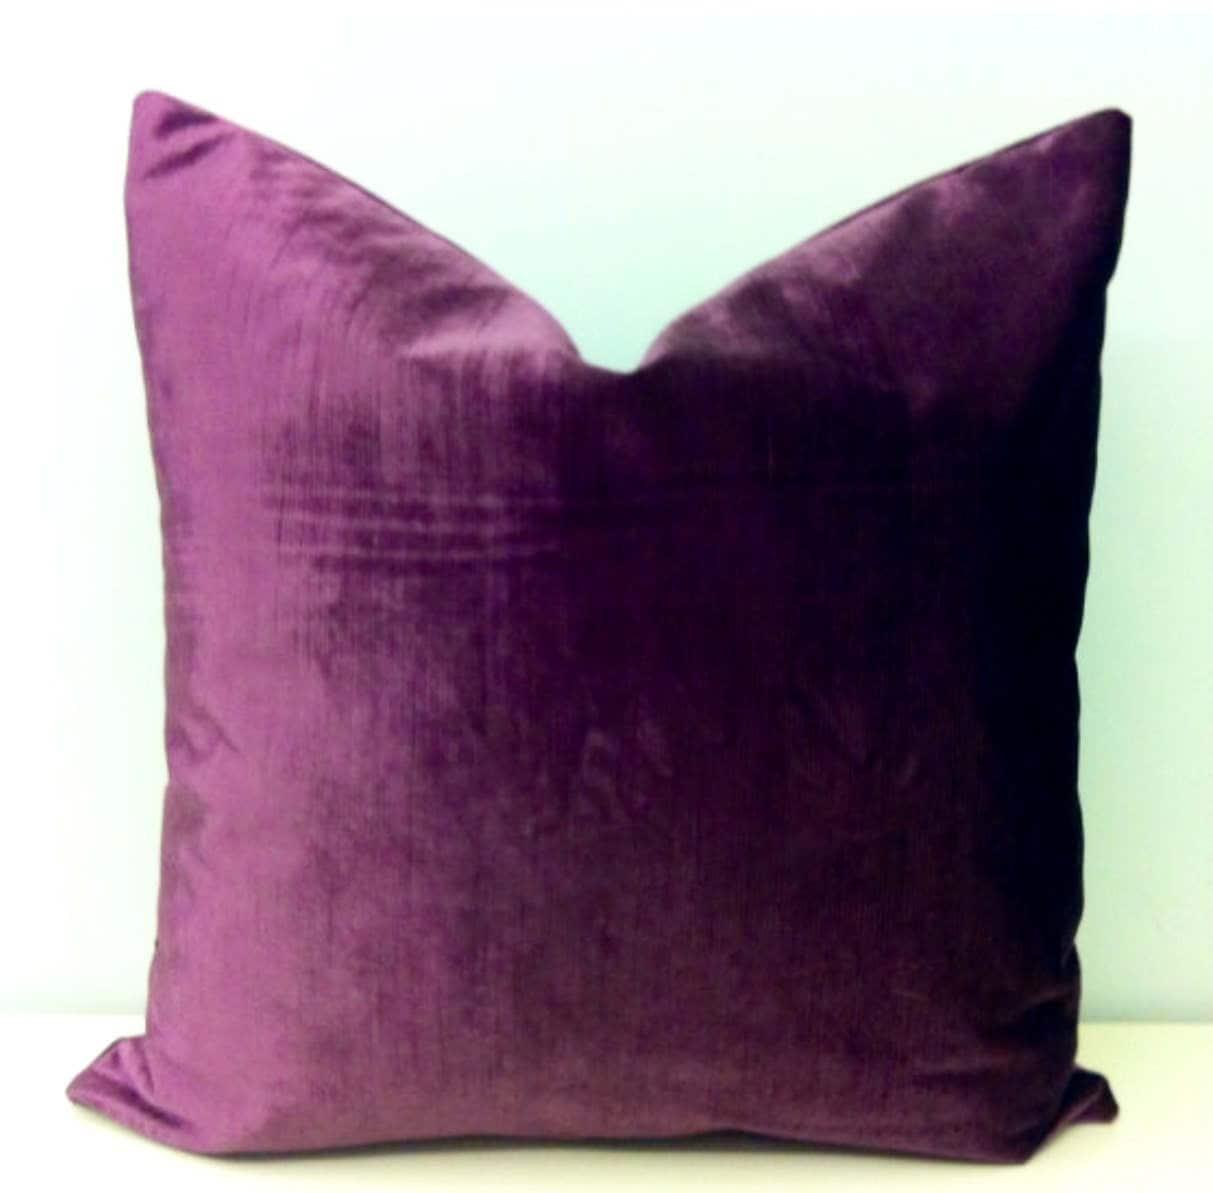 Plum Velvet Throw Pillows Velvet Pillow Cover Decorative